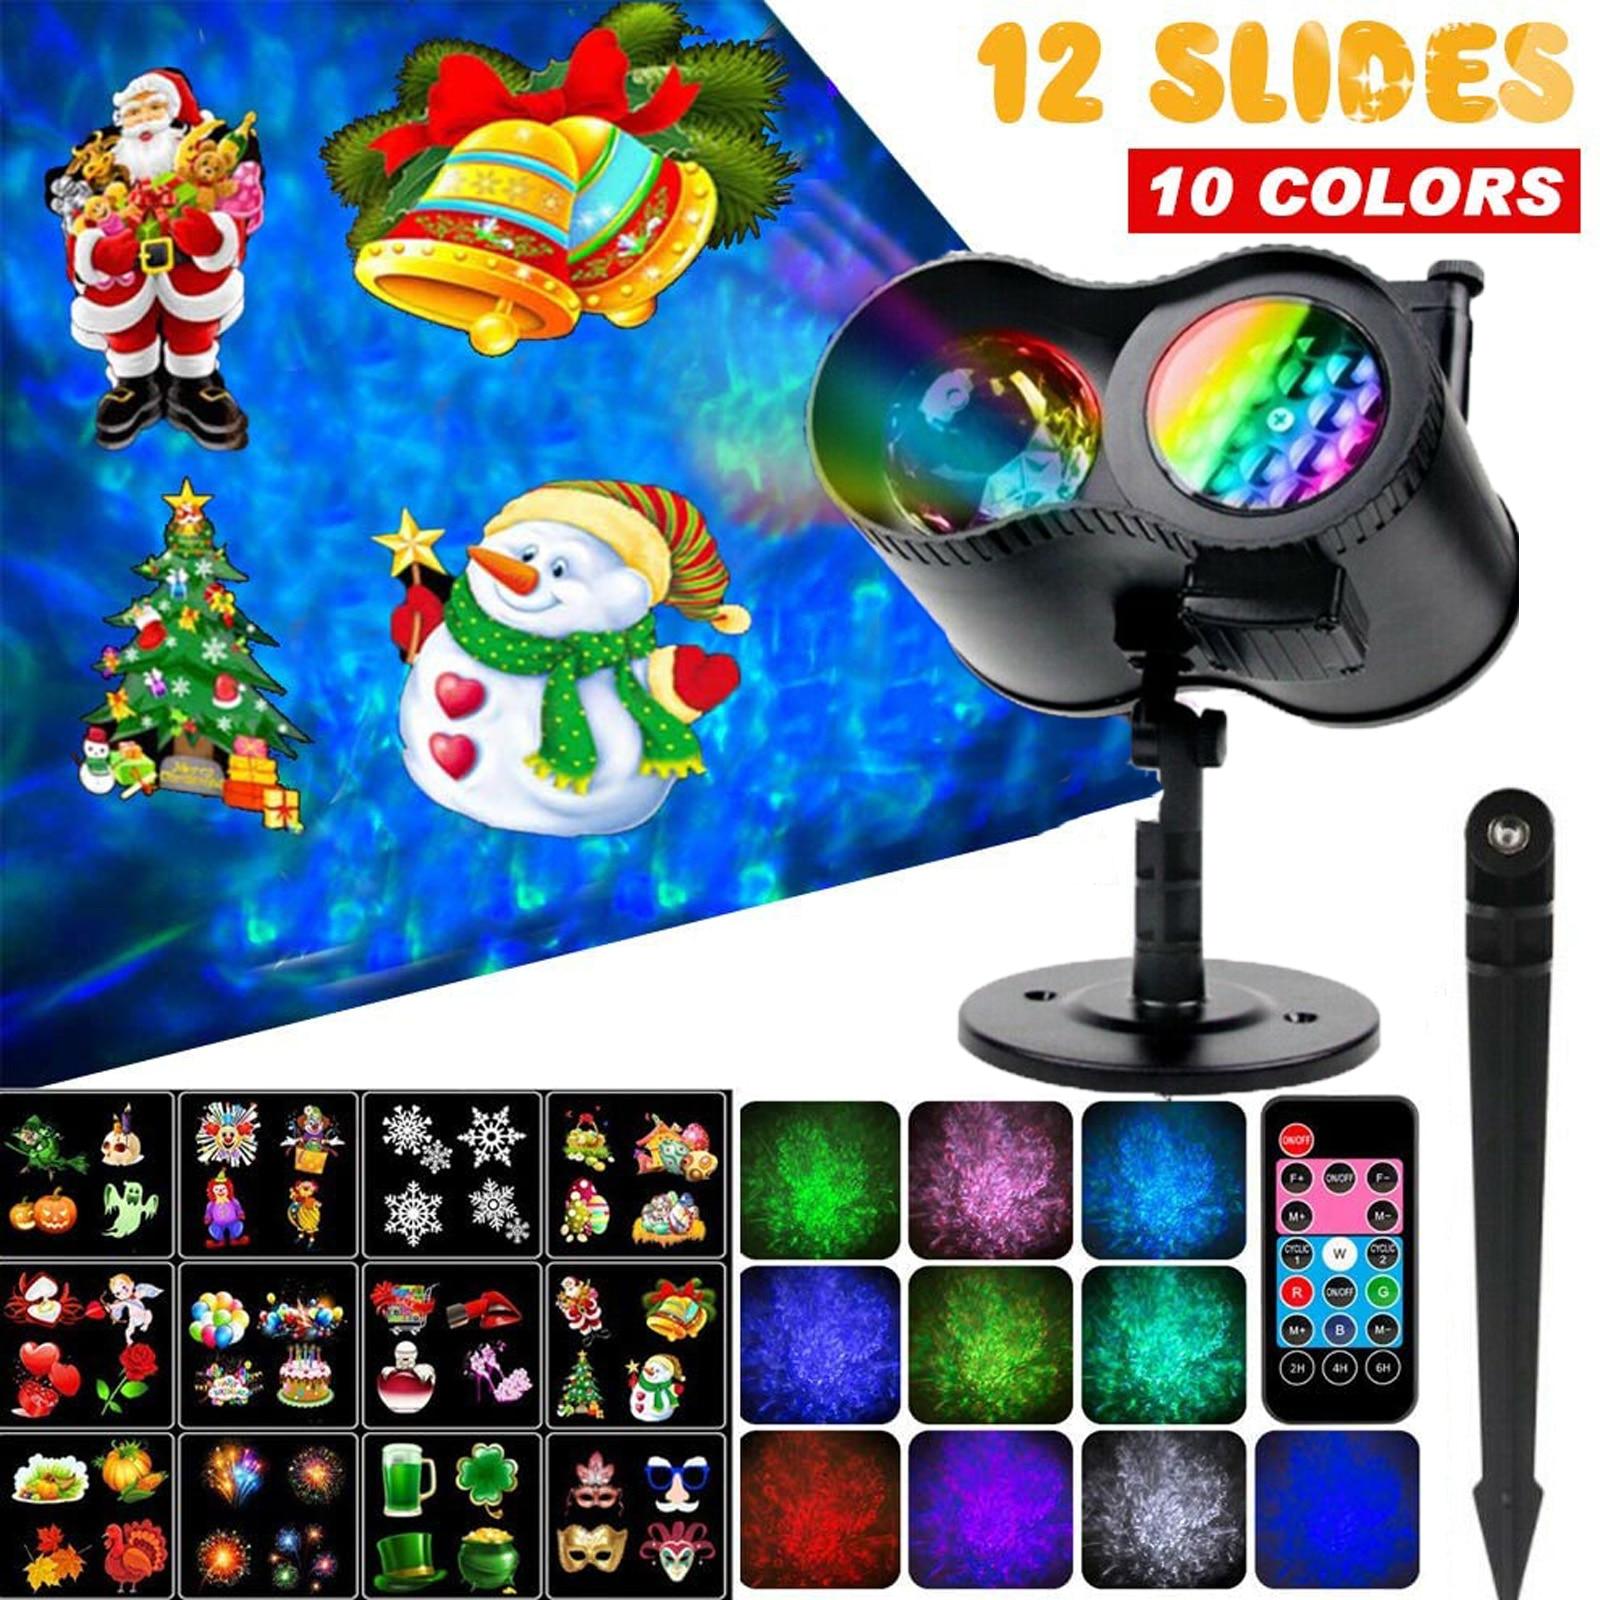 Рождественский лазерный проектор, уличный светильник, 12 слайдов, водная волна, светодиодный сценический светильник, водонепроницаемый, для...